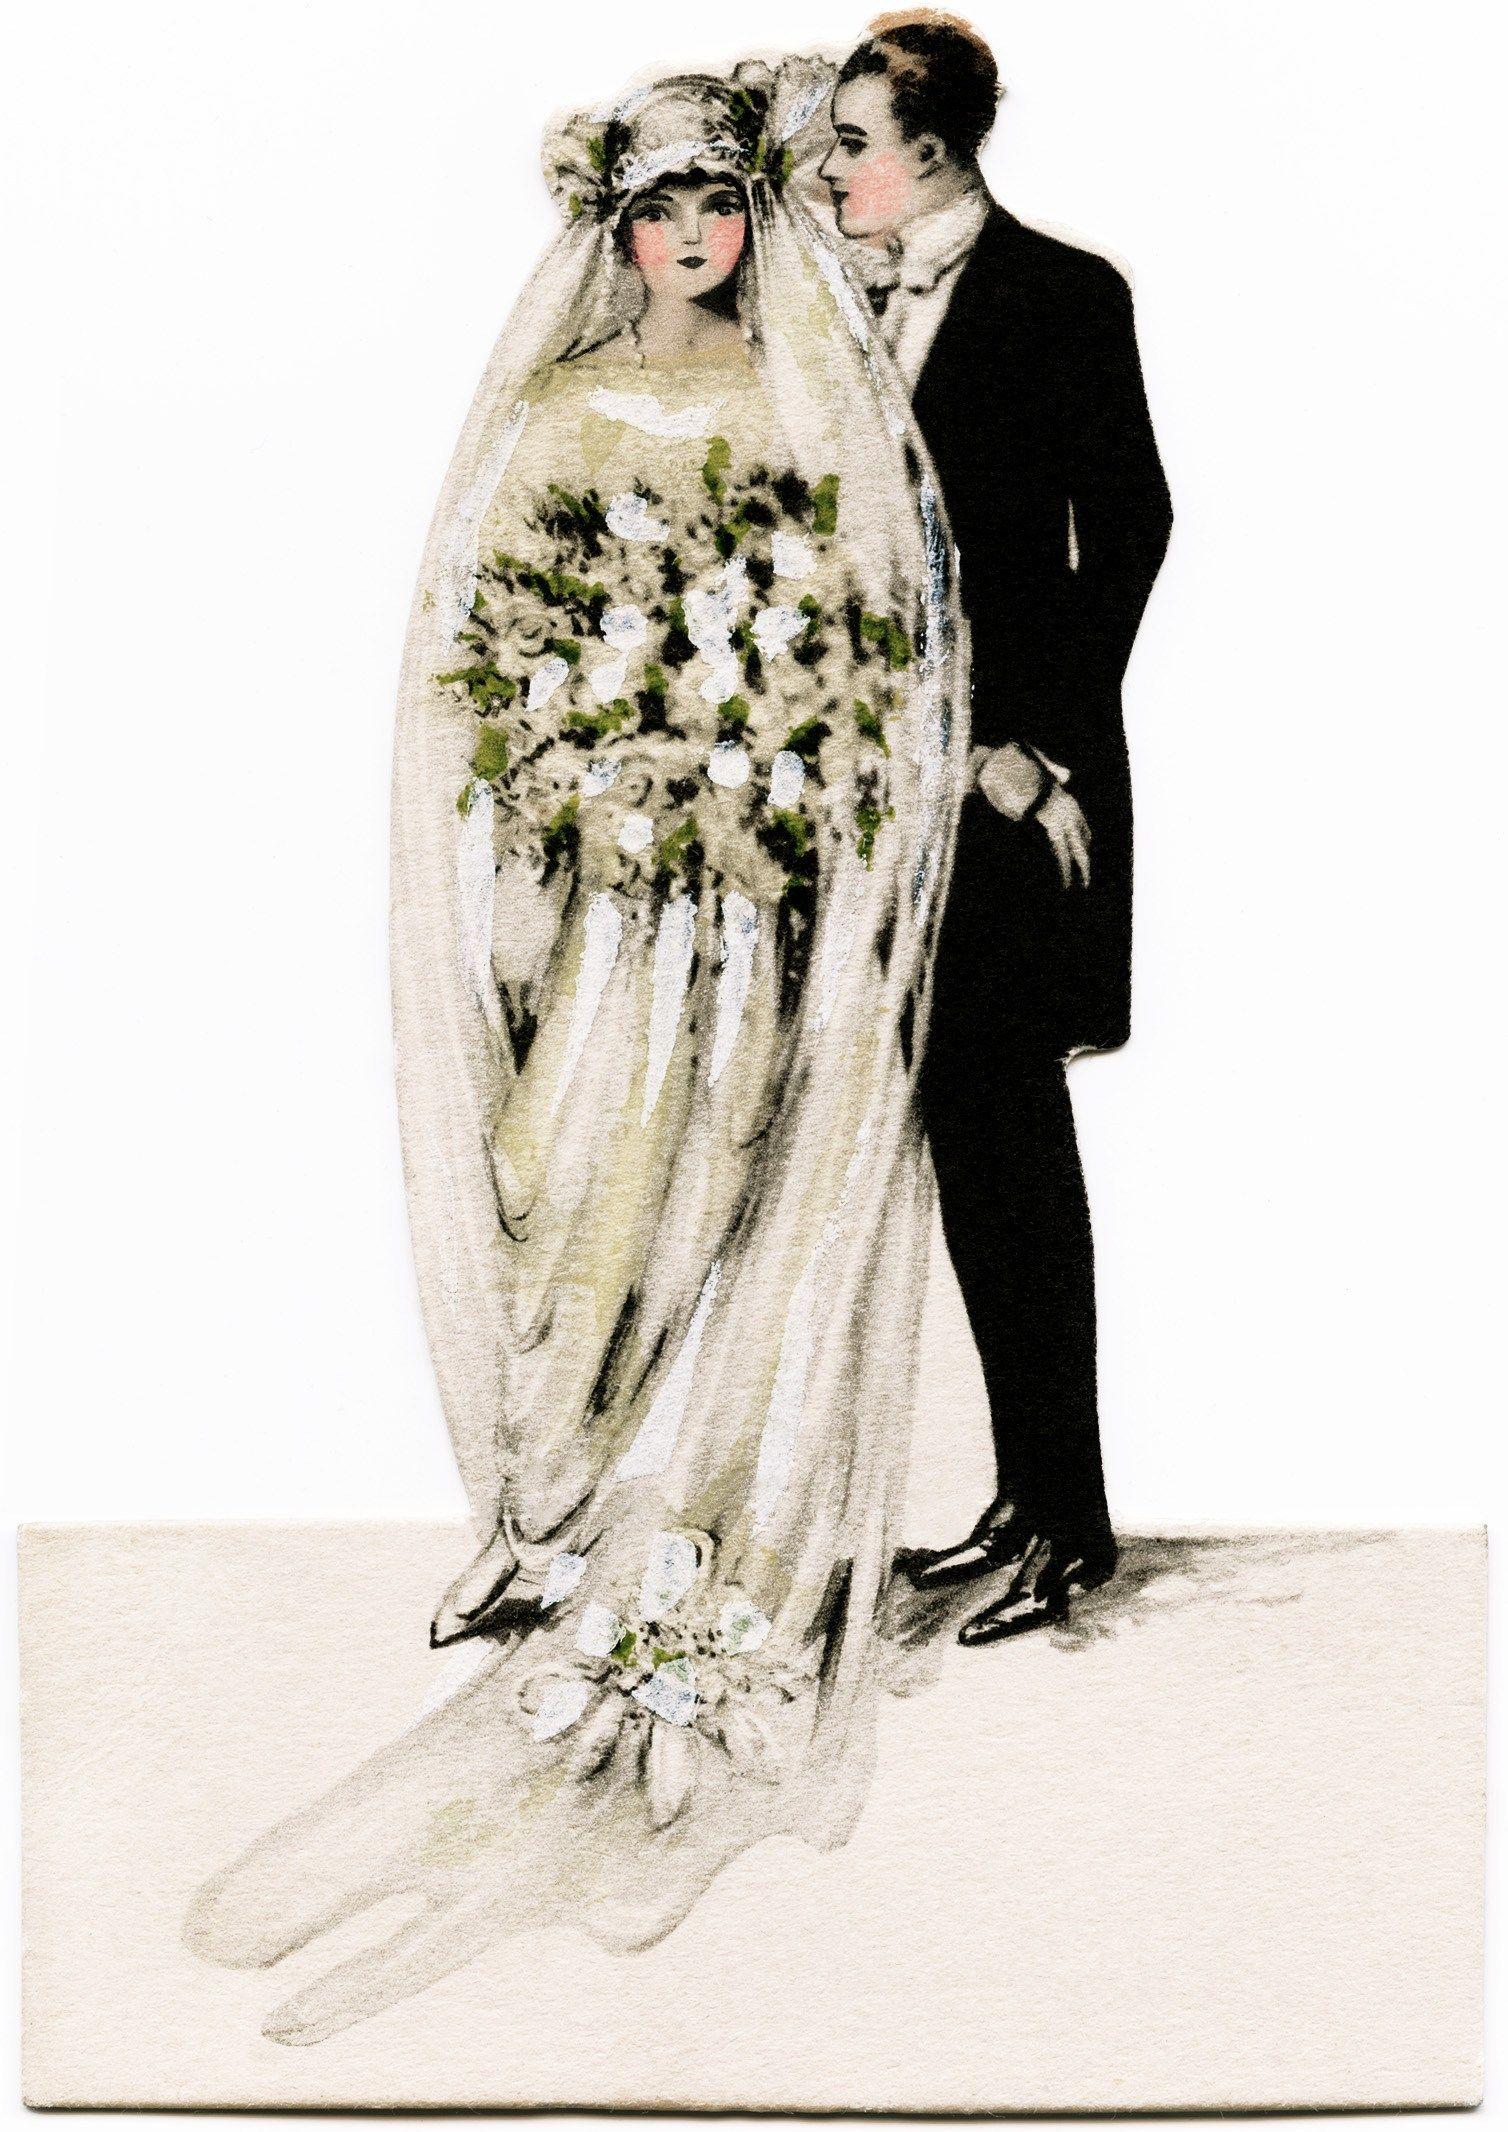 Victorian Bride And Groom Vintage Wedding Clipart Antique Wedding Graphics Printable Bride Groom Old Wedding Graphics Victorian Bride Vintage Wedding Cards